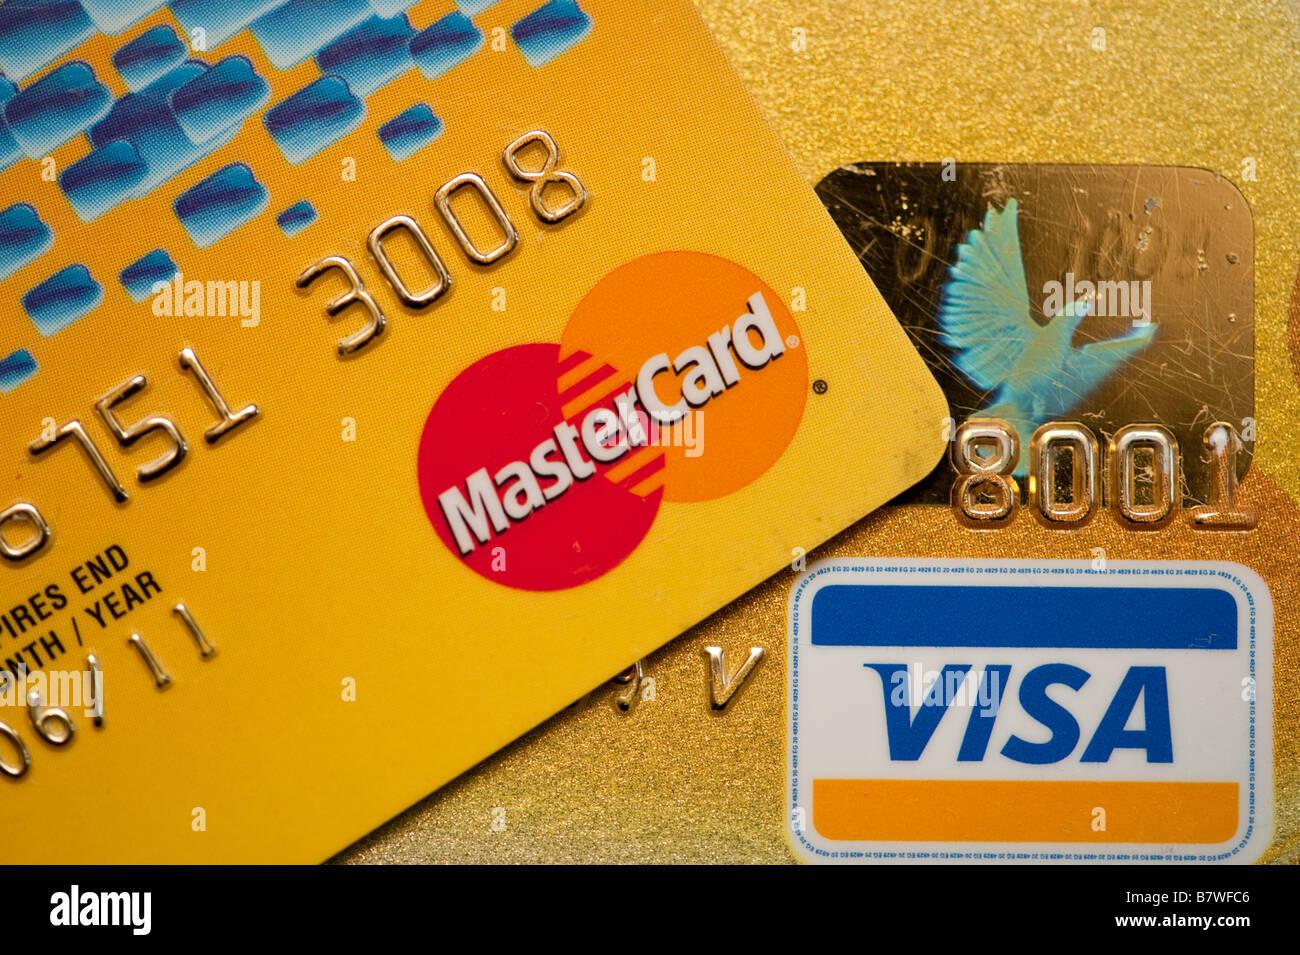 Les cartes de crédit Mastercard et Visa Photo Stock